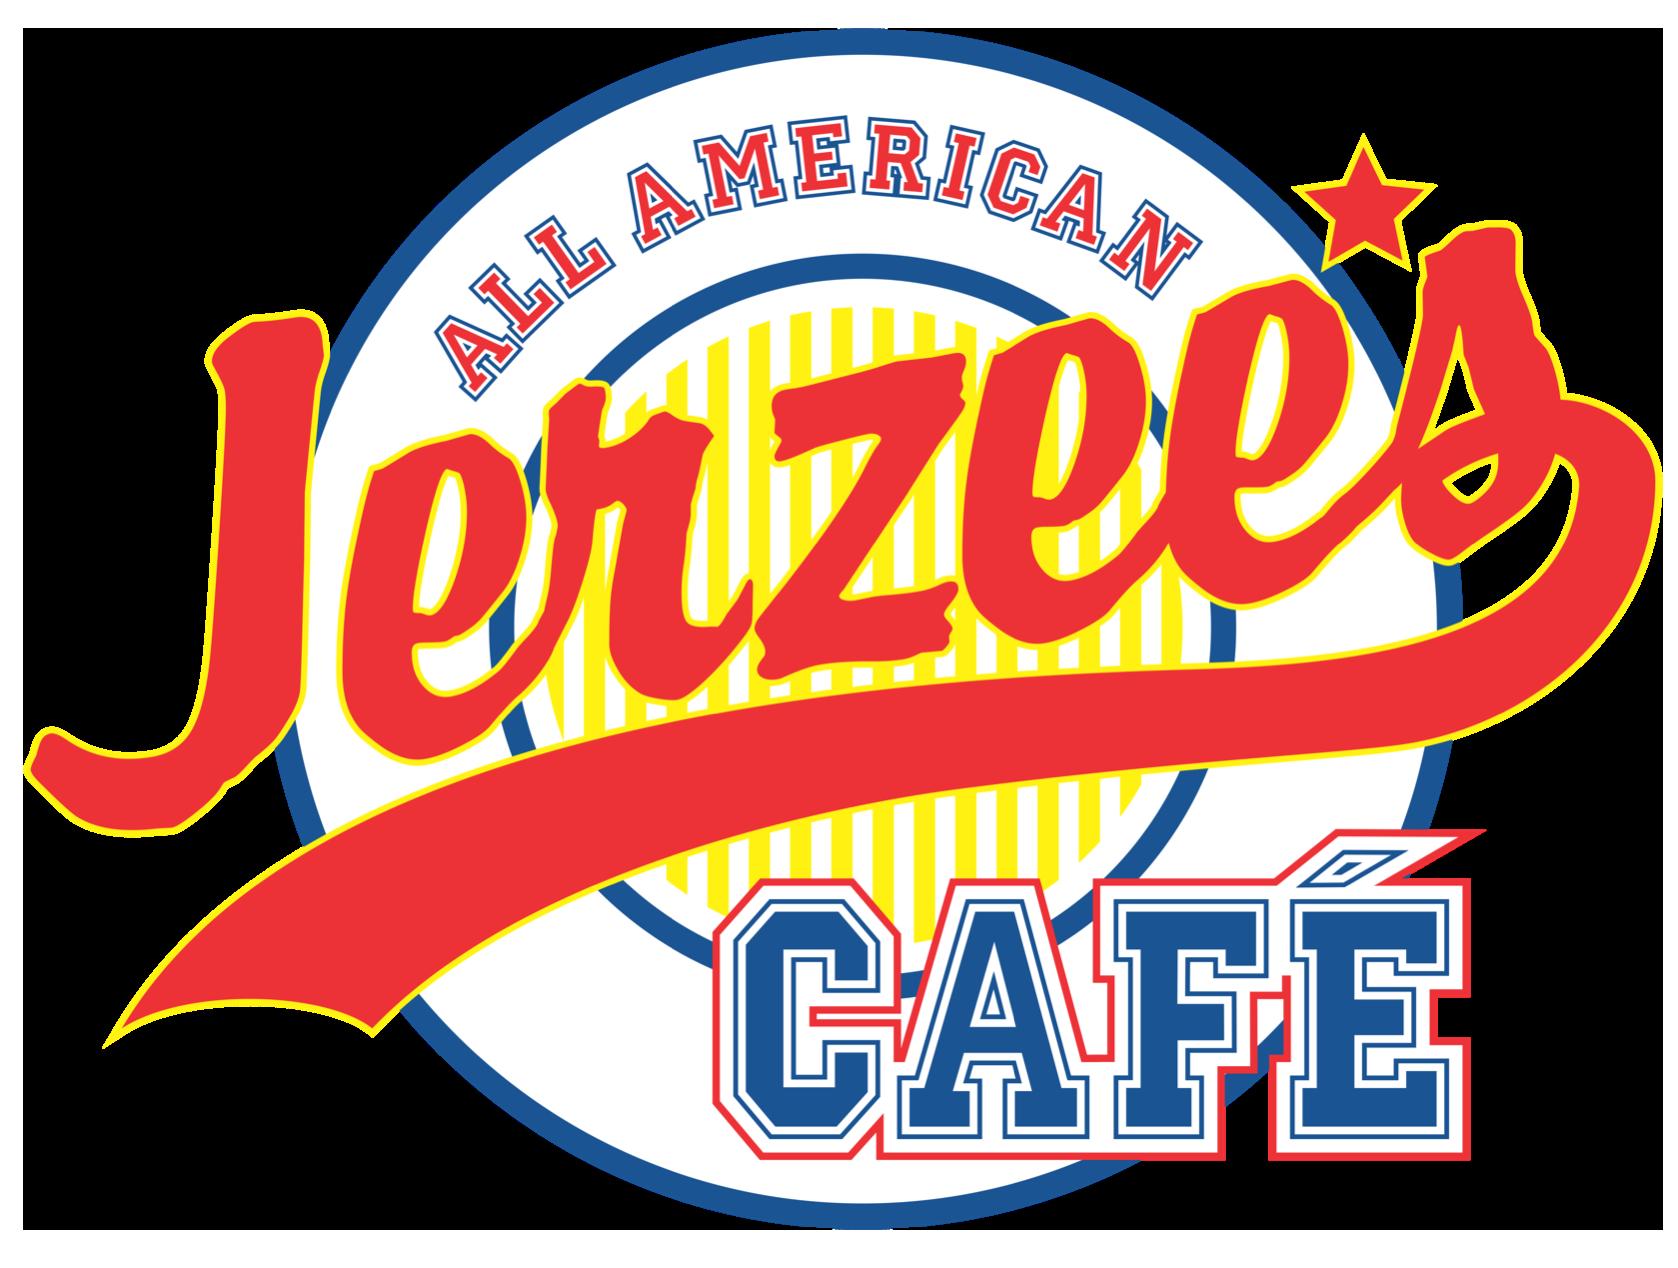 Jerzee's Cafe